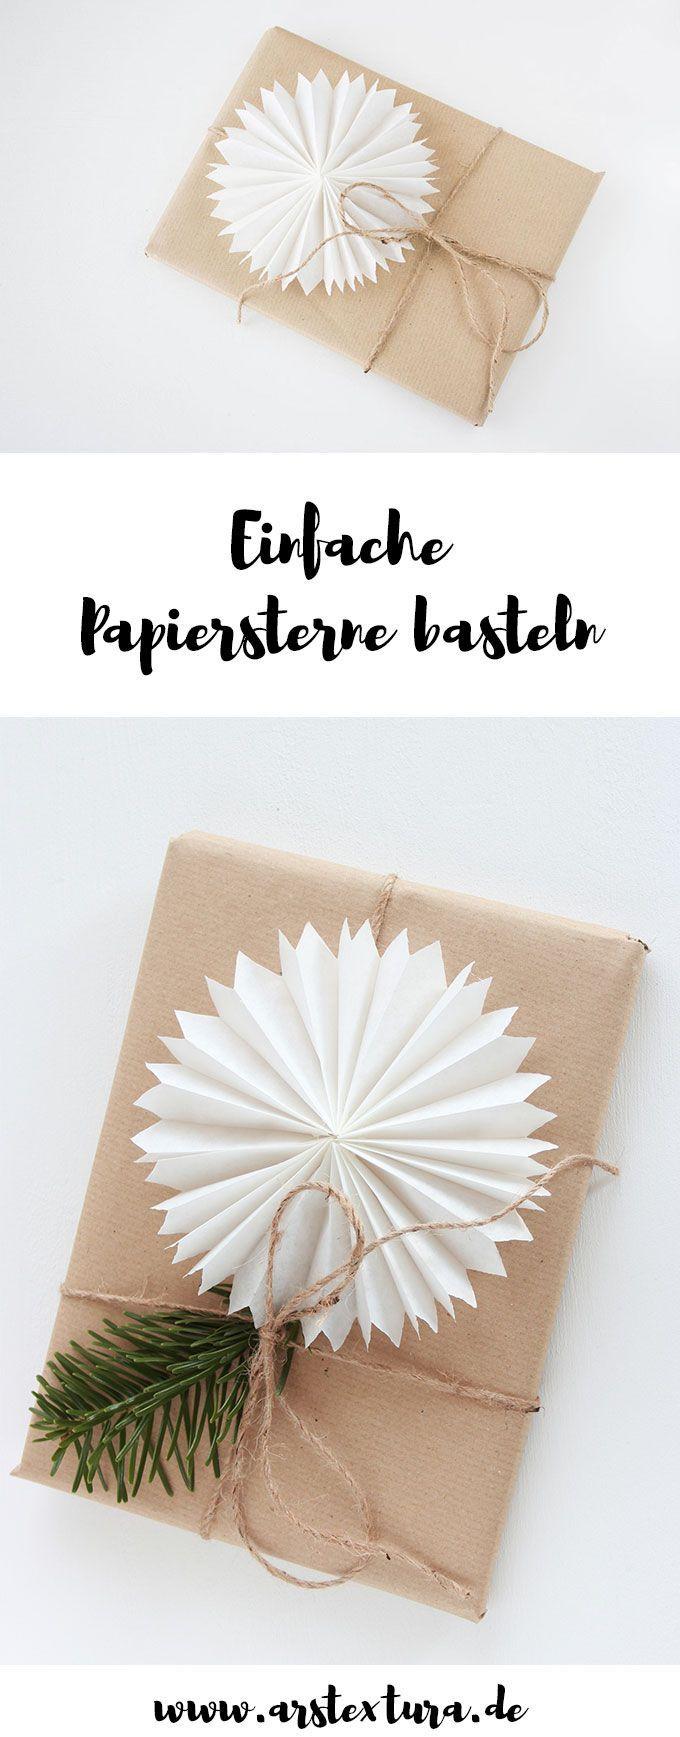 10 papiersterne die perfekte low budget dekoration aus papier basteln weihnachten. Black Bedroom Furniture Sets. Home Design Ideas